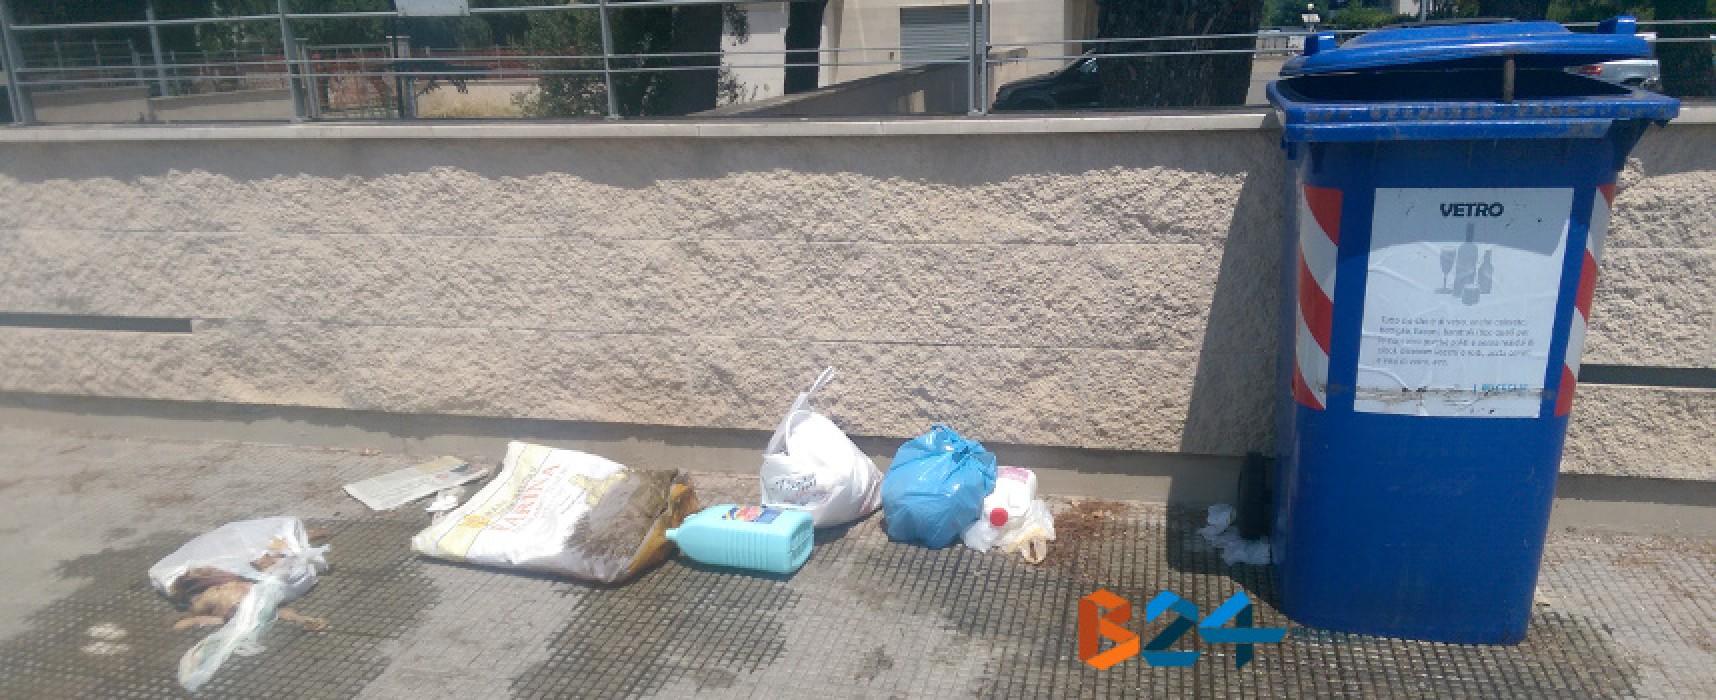 Rifiuti organici in decomposizione accanto al cassonetto del vetro, accade in Stada del Carro